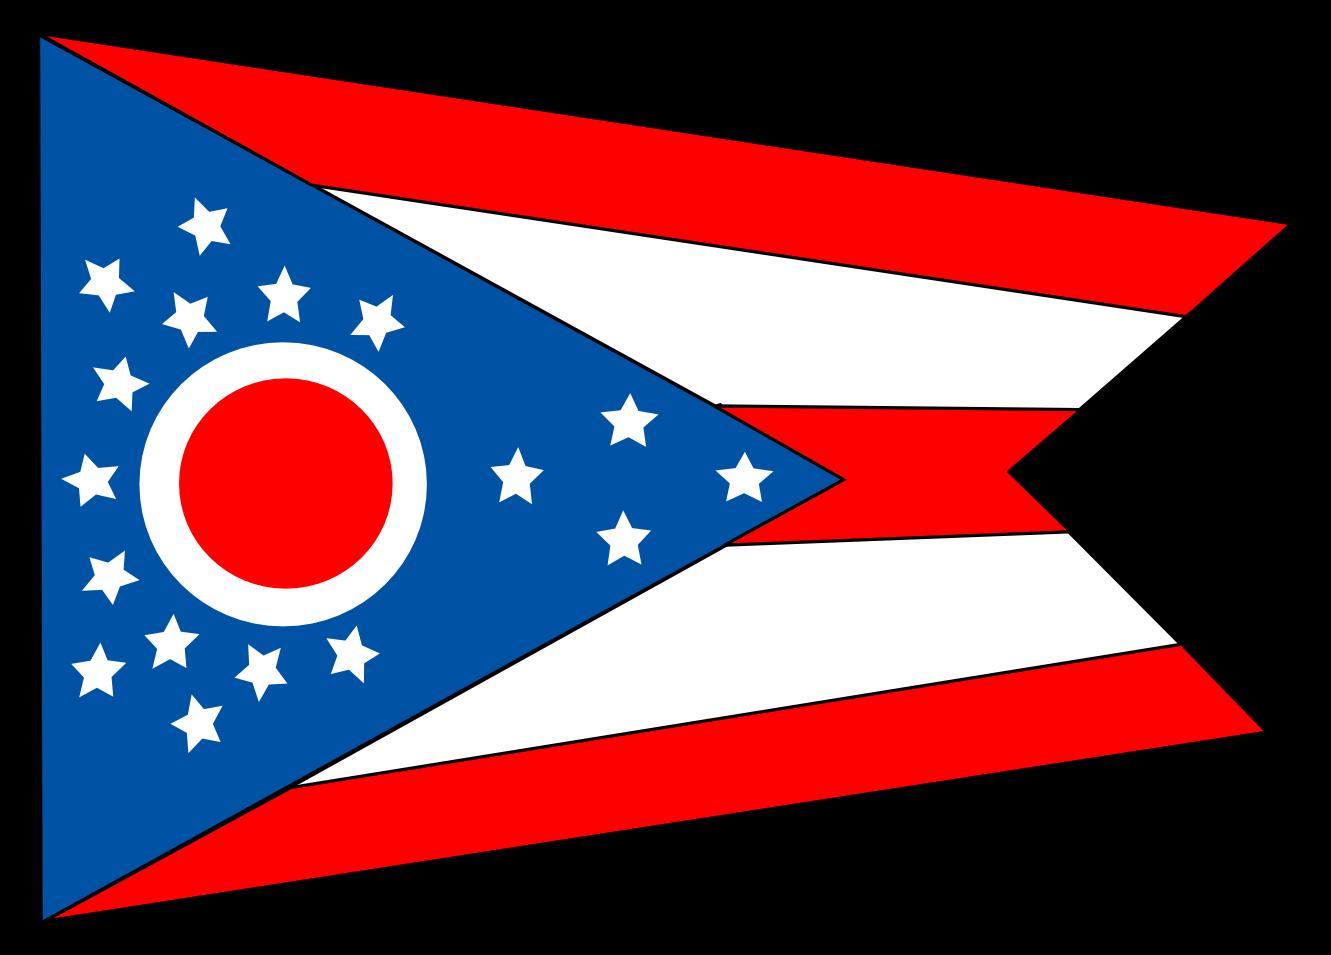 Ohio%20clipart